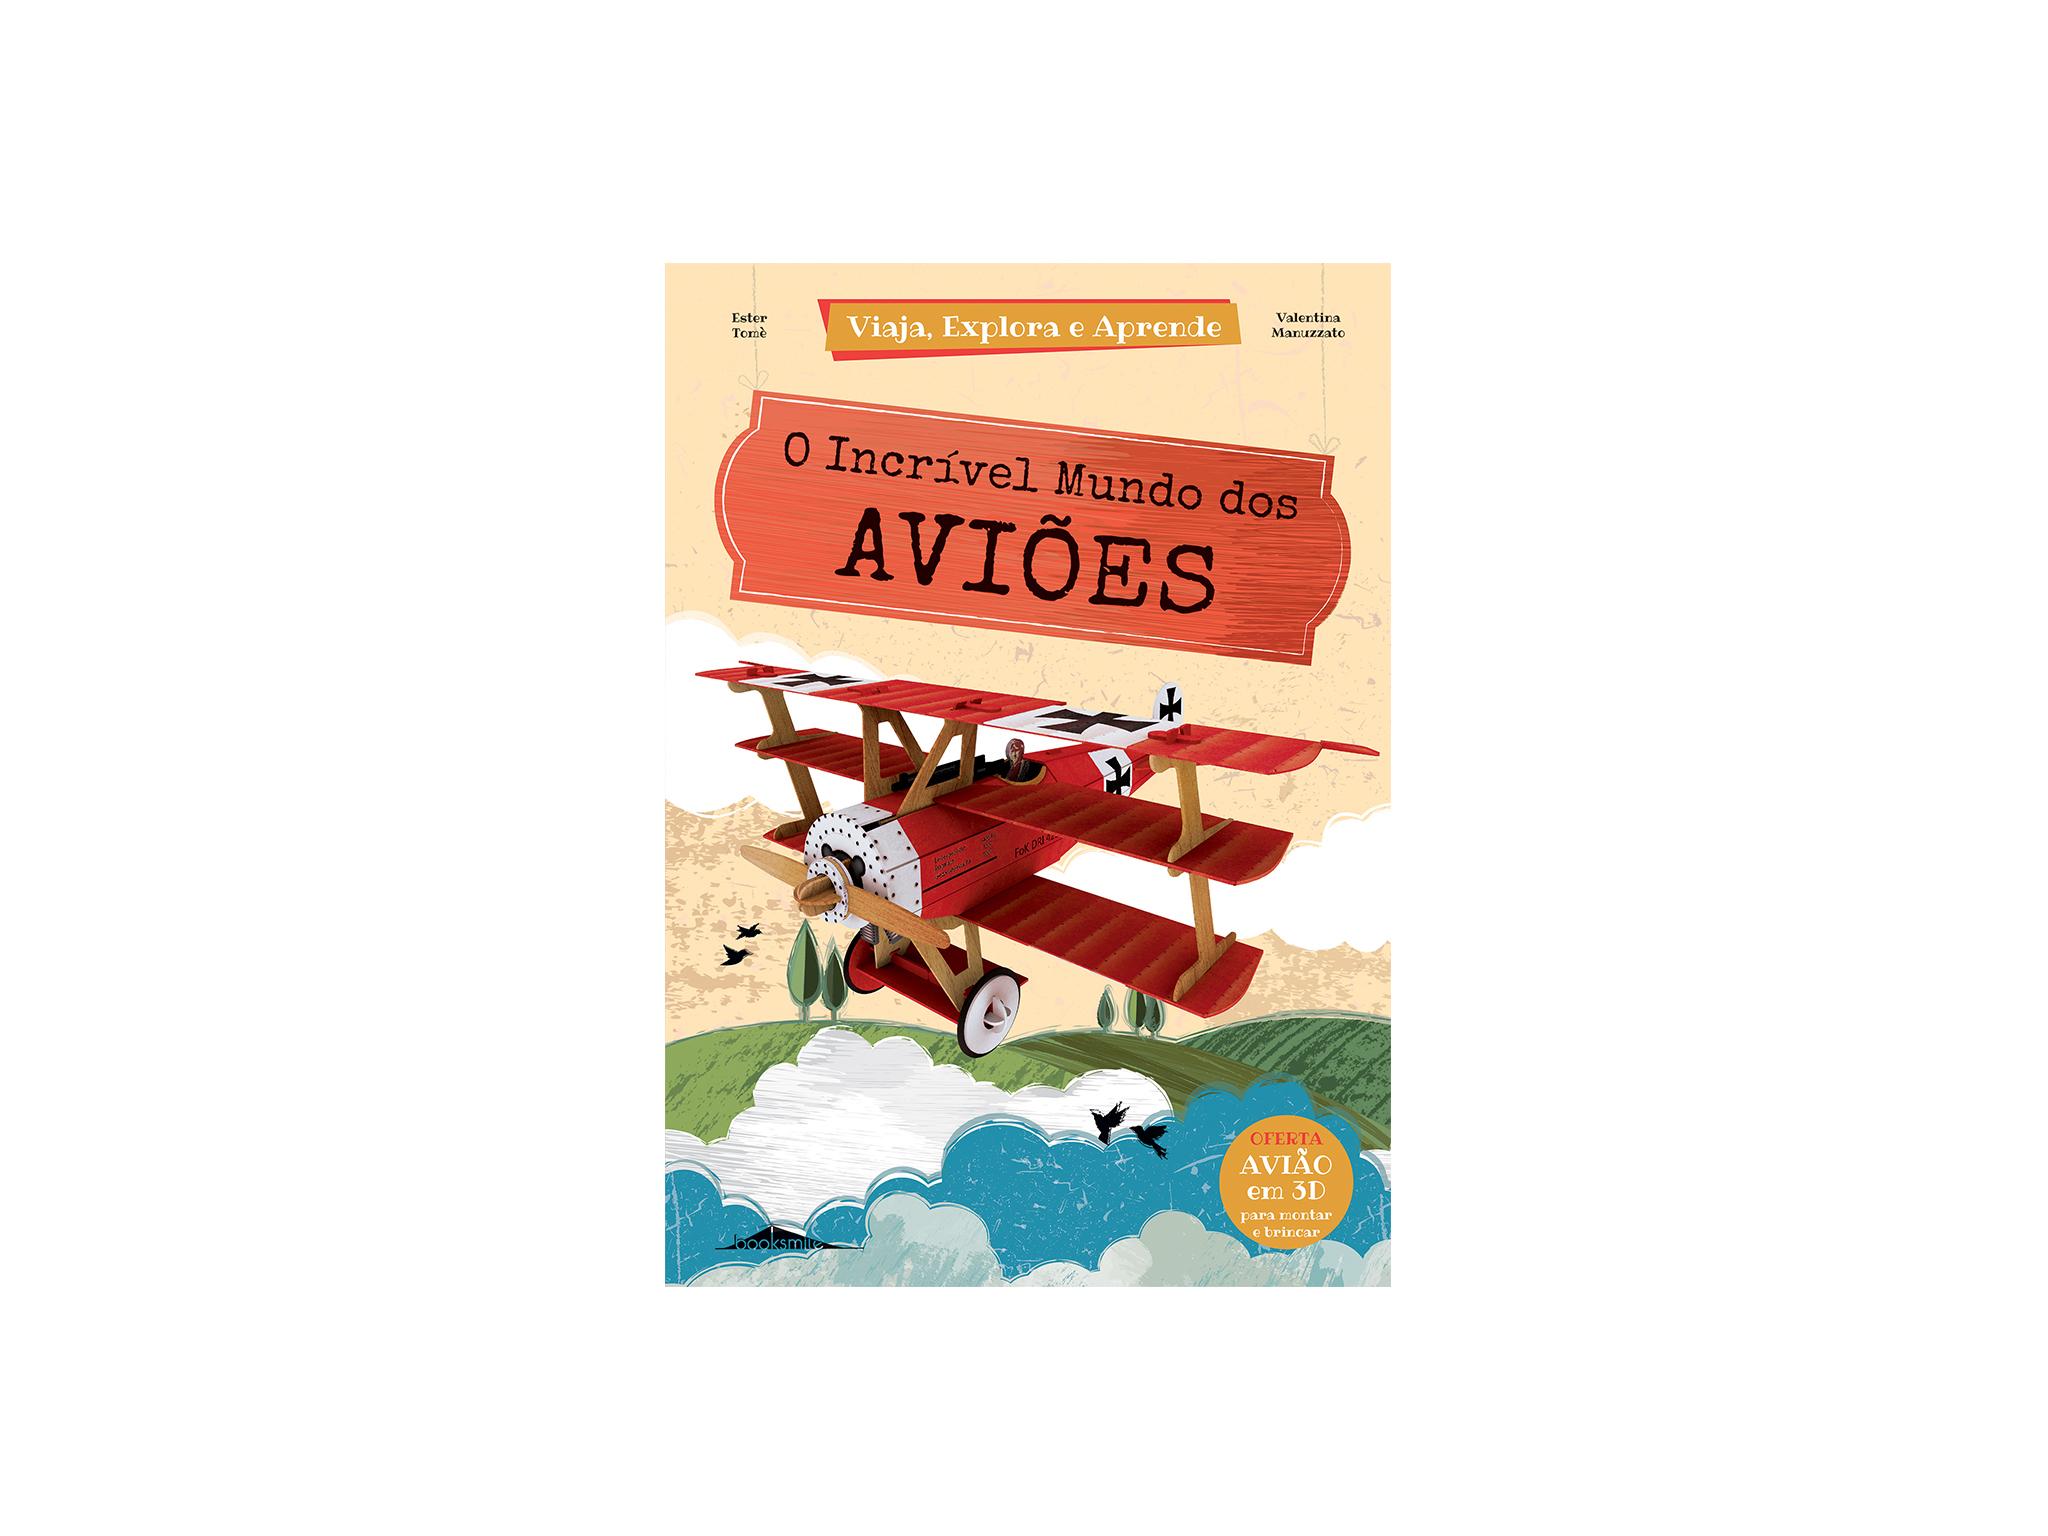 Livro, Shopping Natal 2020, O Incrível Mundo dos Aviões